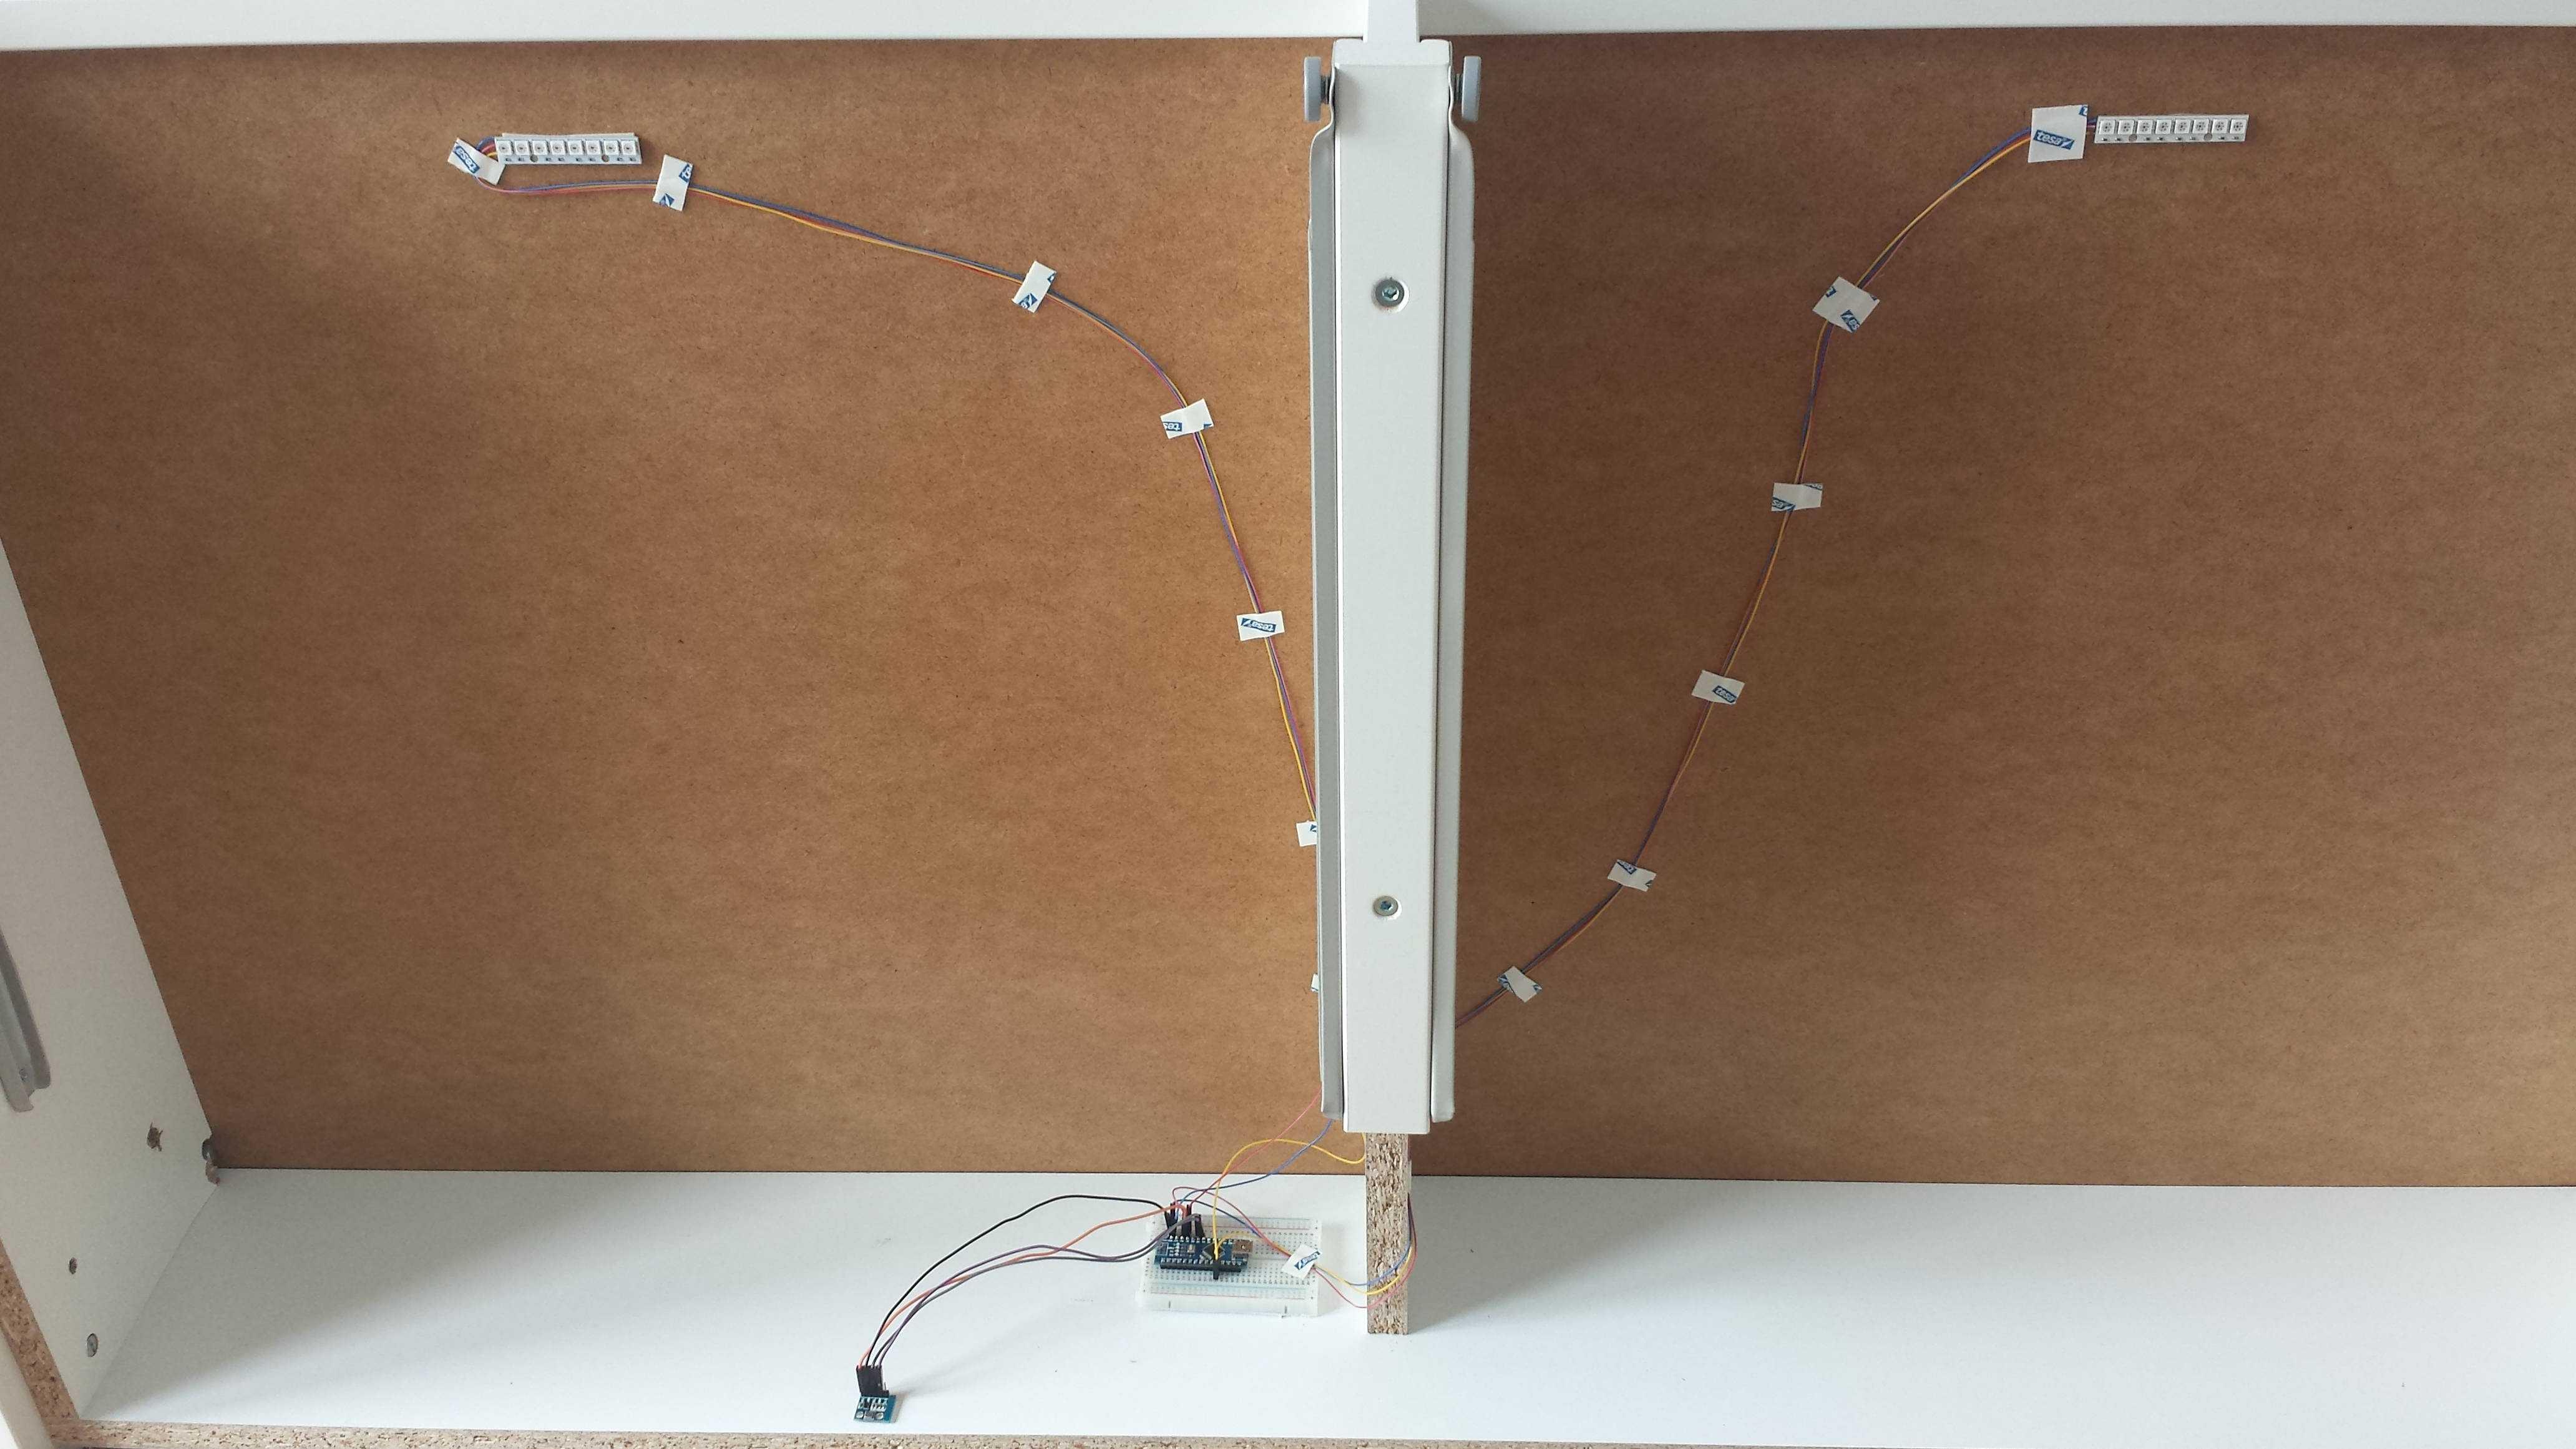 Zwei LED-Streifen unter einem Babybett, deren Kabel zu einem Steckbrett mit Arduino führen